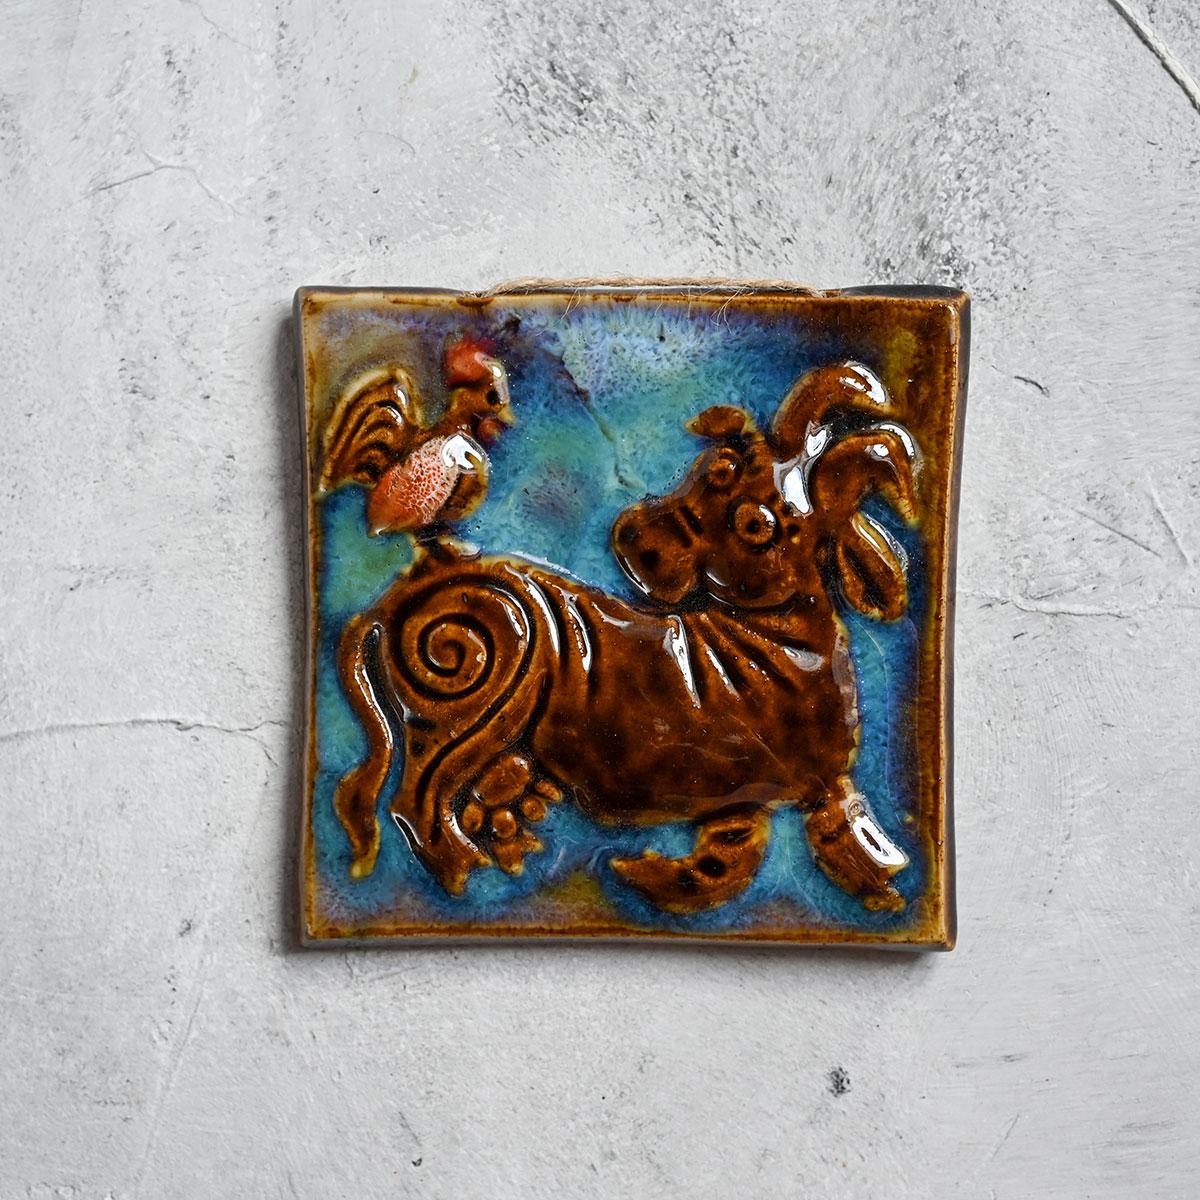 """картинка Изразец ручной работы """"Корова"""" - DishWishes.Ru"""